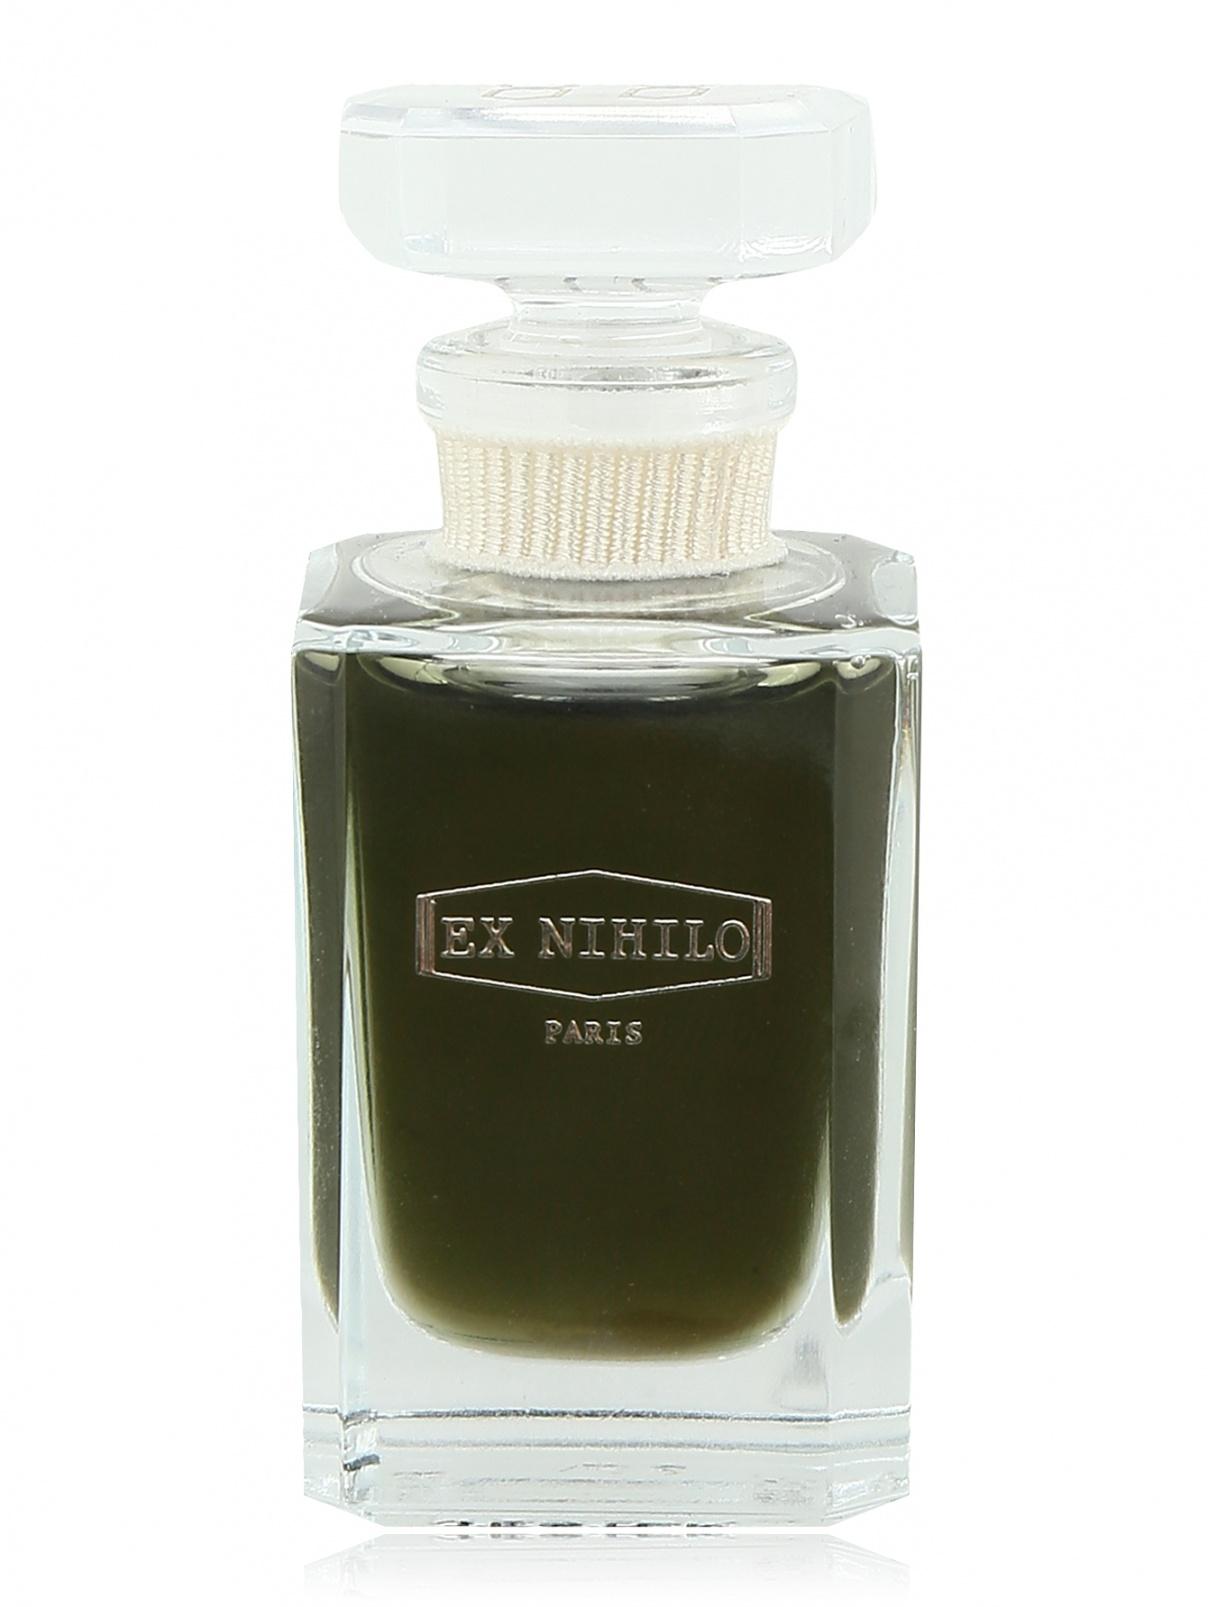 Масло Ex Nihilo  –  Общий вид